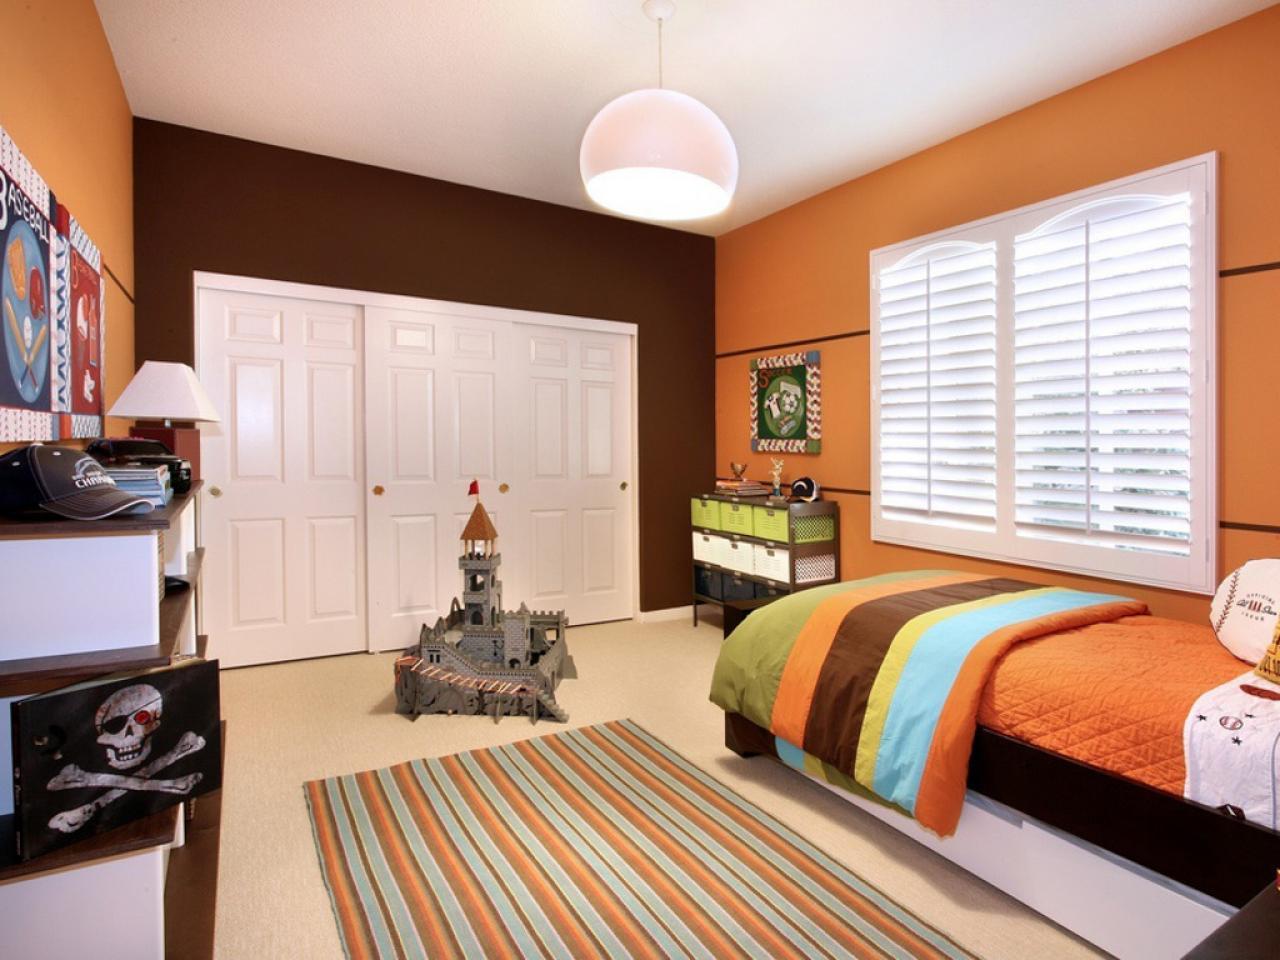 bedroom paint color ideas interesting bedroom painting ideas  jpeg